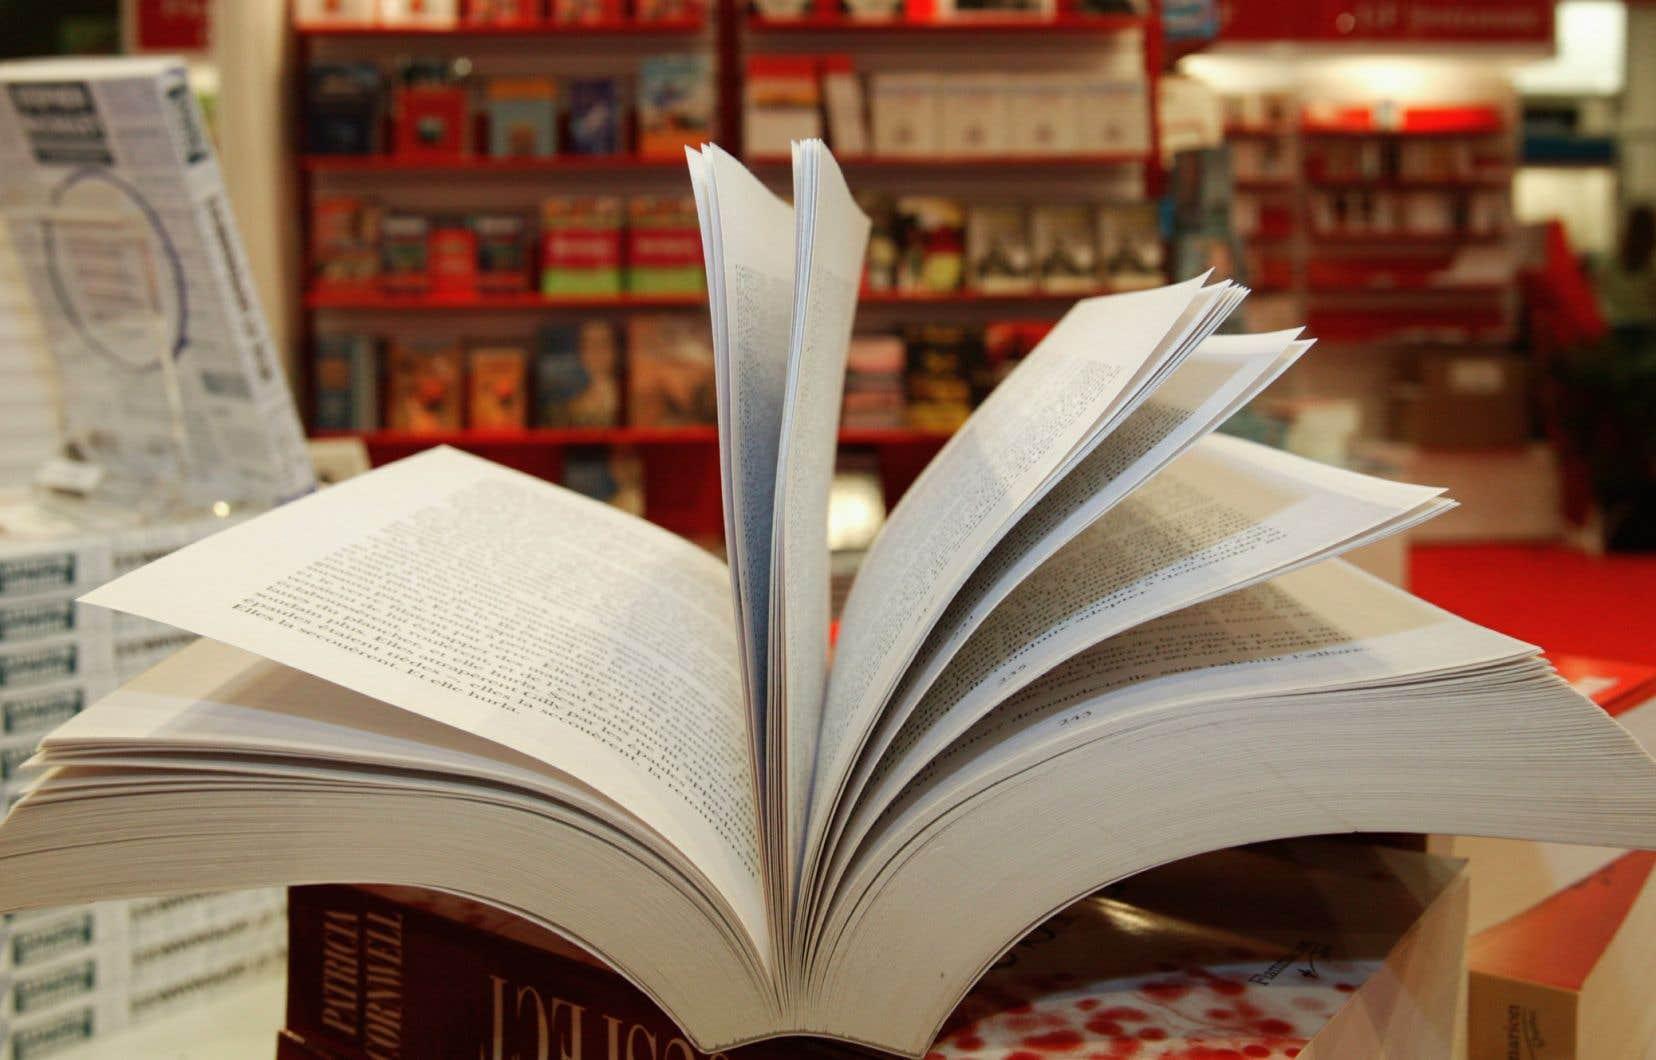 Pas moins de 70% des actes reprochés seraient posés par des éditeurs, et près de 30% par des écrivains, selon le sondage.